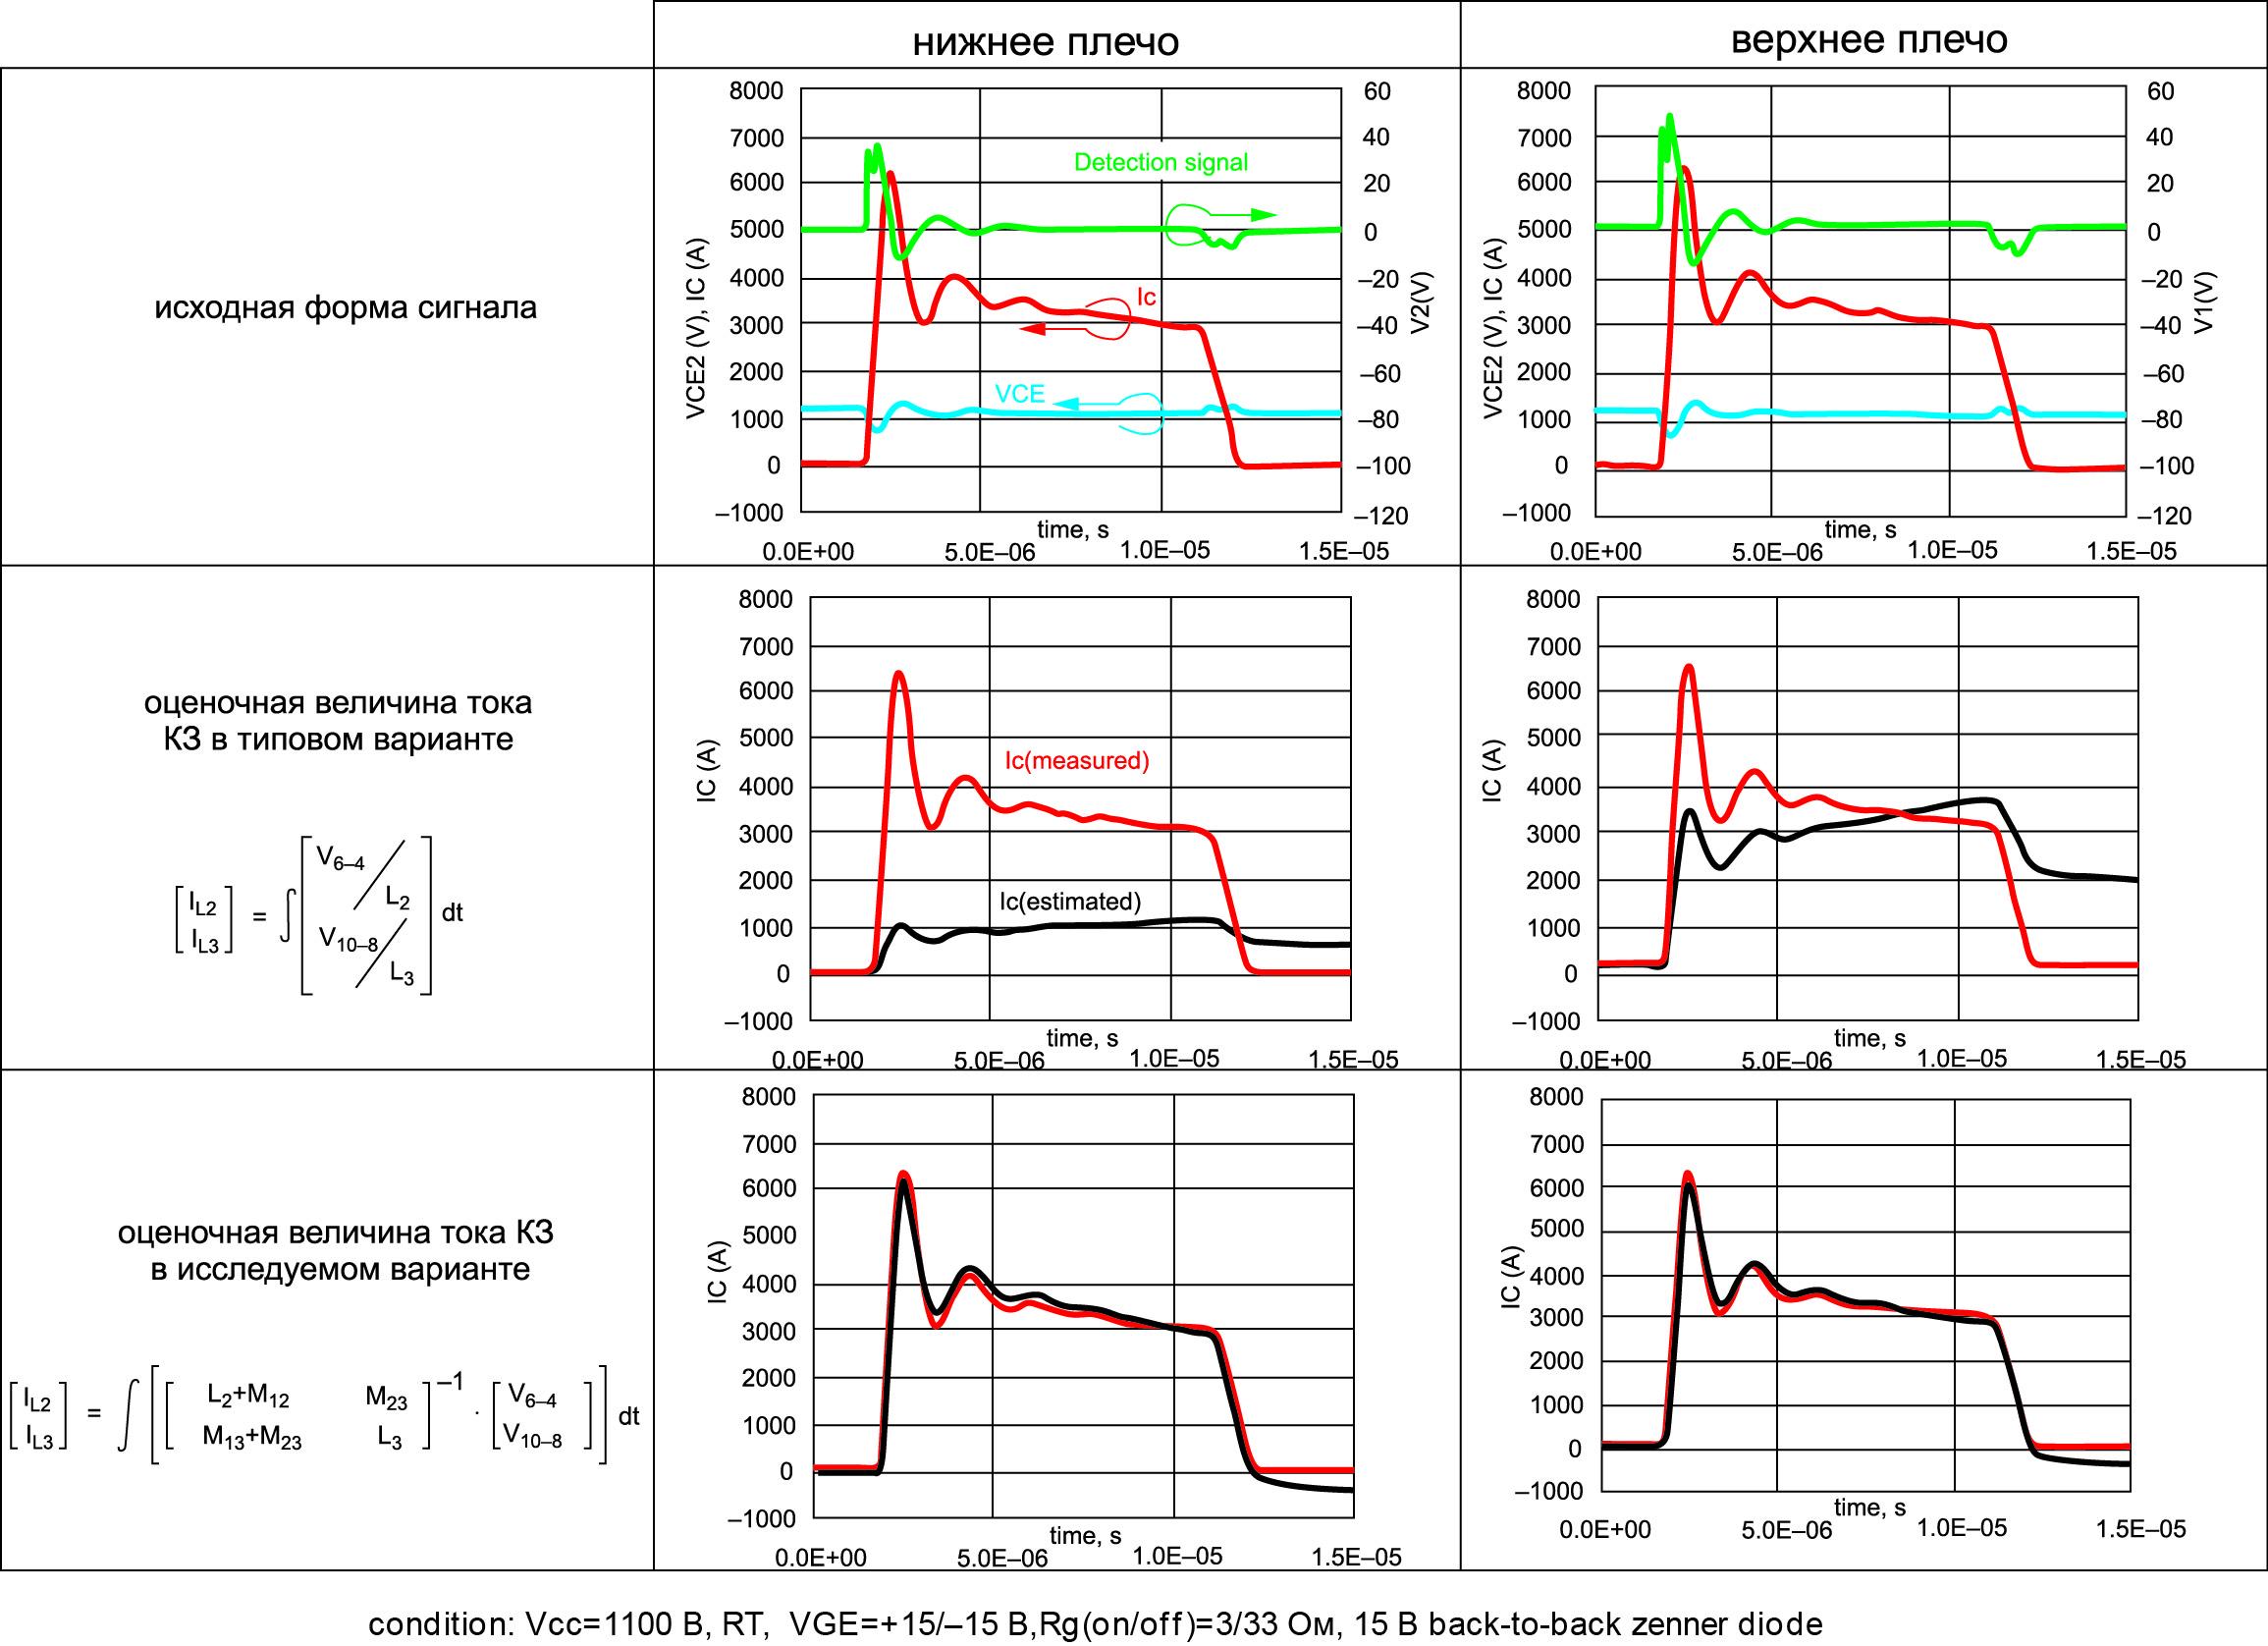 Форма кривой короткого замыкания I типа, детектируемое напряжение и оценочное значение тока коллектора при стандартном и предлагаемом методе измерения